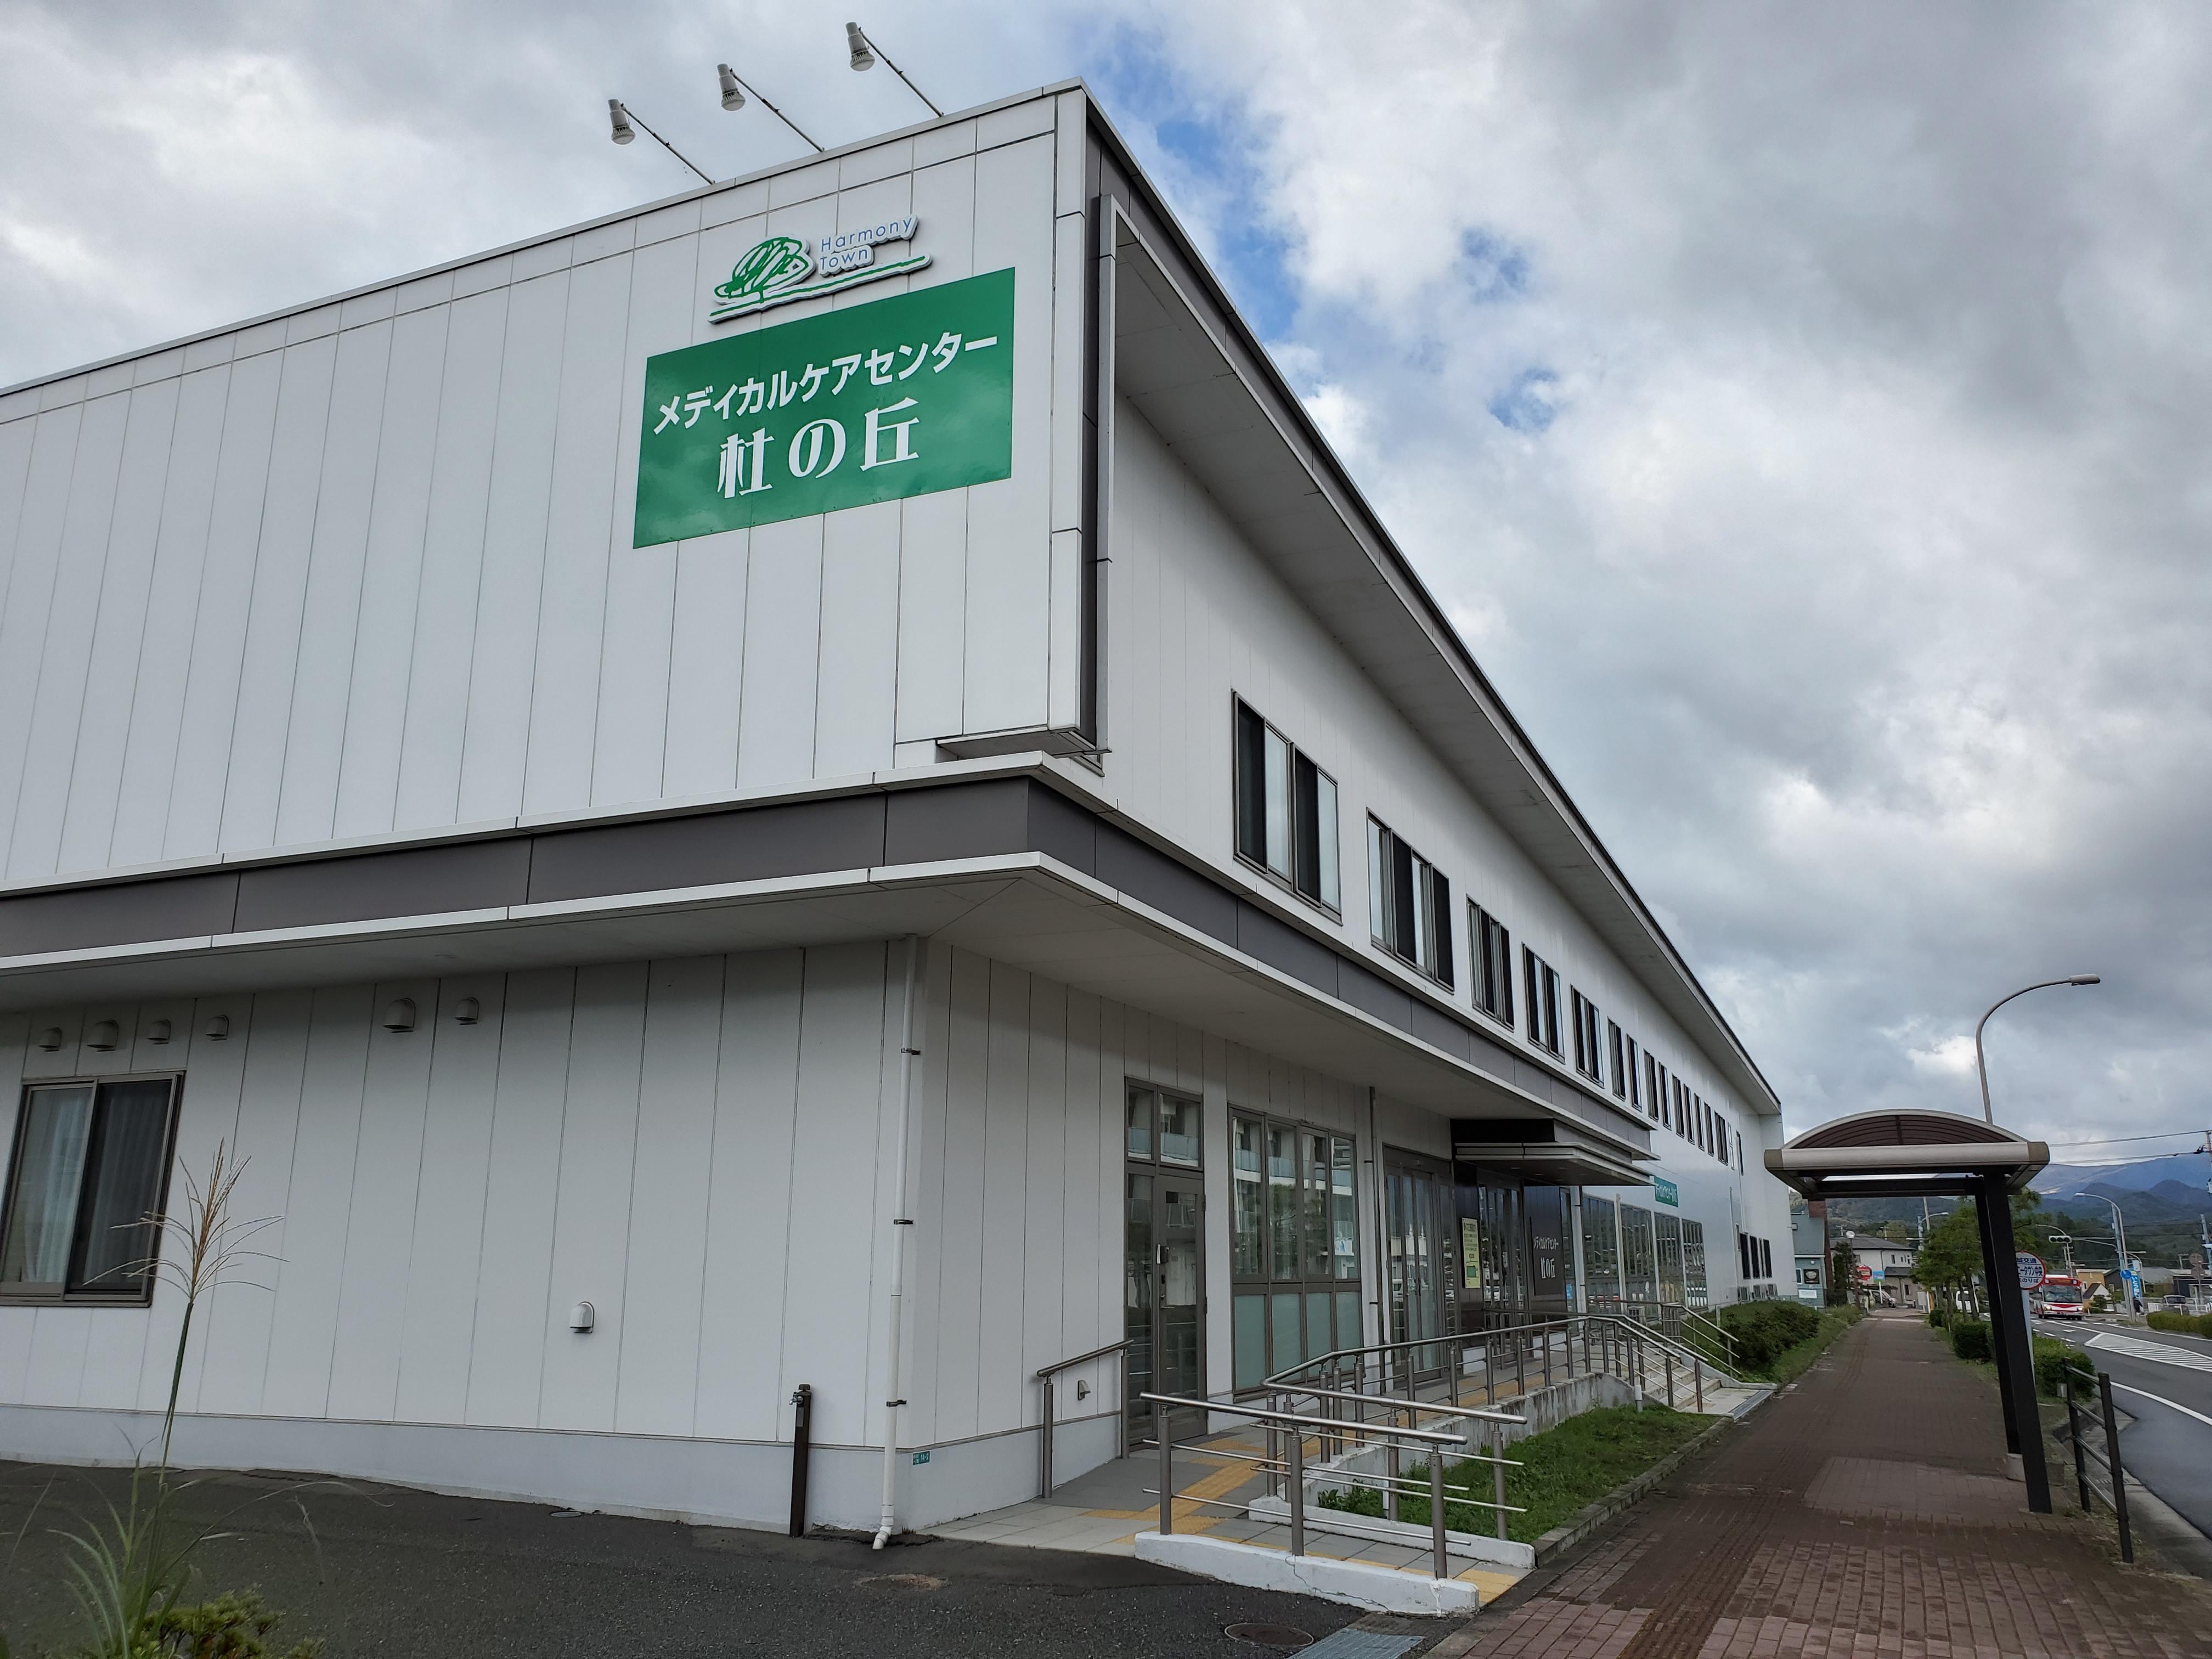 【ヘルパー/黒川郡大和町】 株式会社 颯 (正社員)の画像1